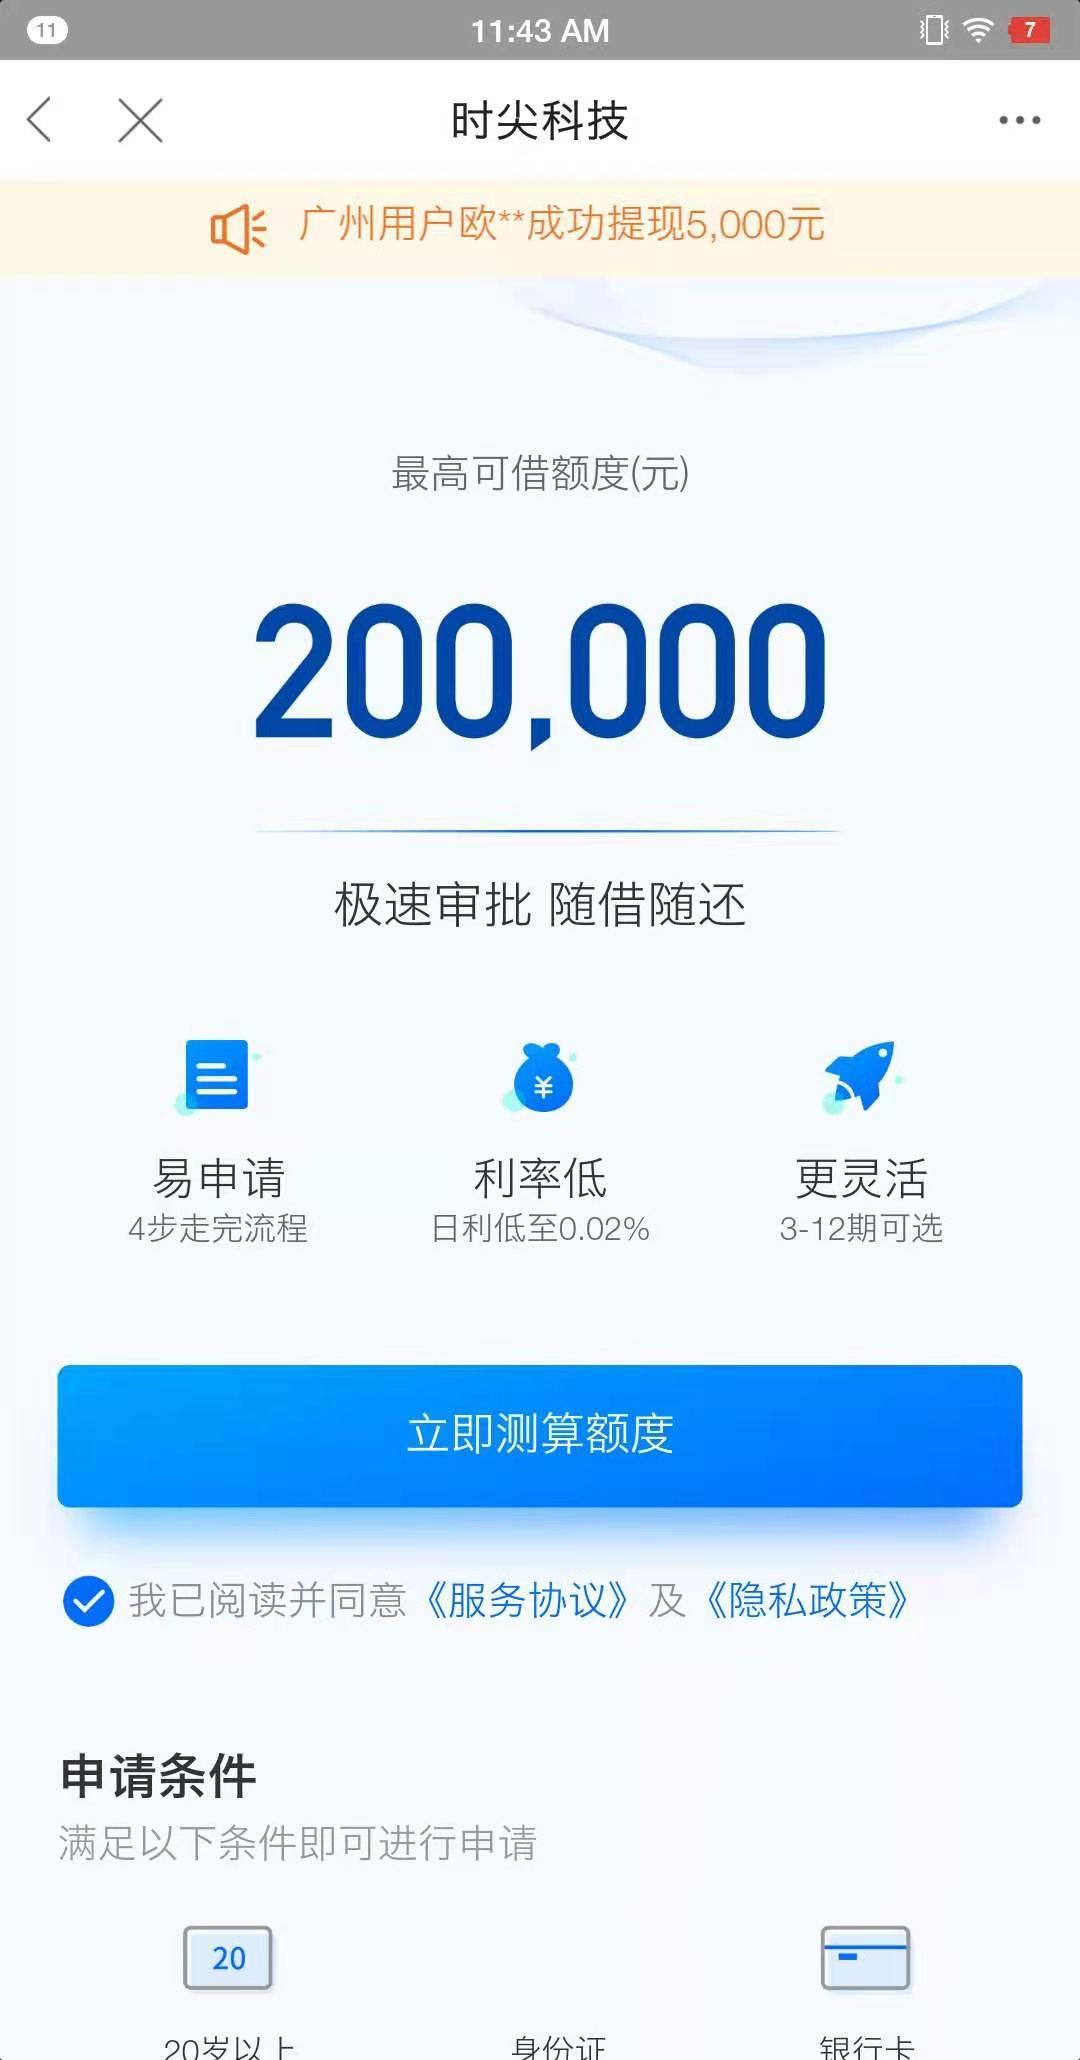 时尖生活费,独家渠道,新产品,最高20万随借随还...90 / 作者:卡农小蛋 /